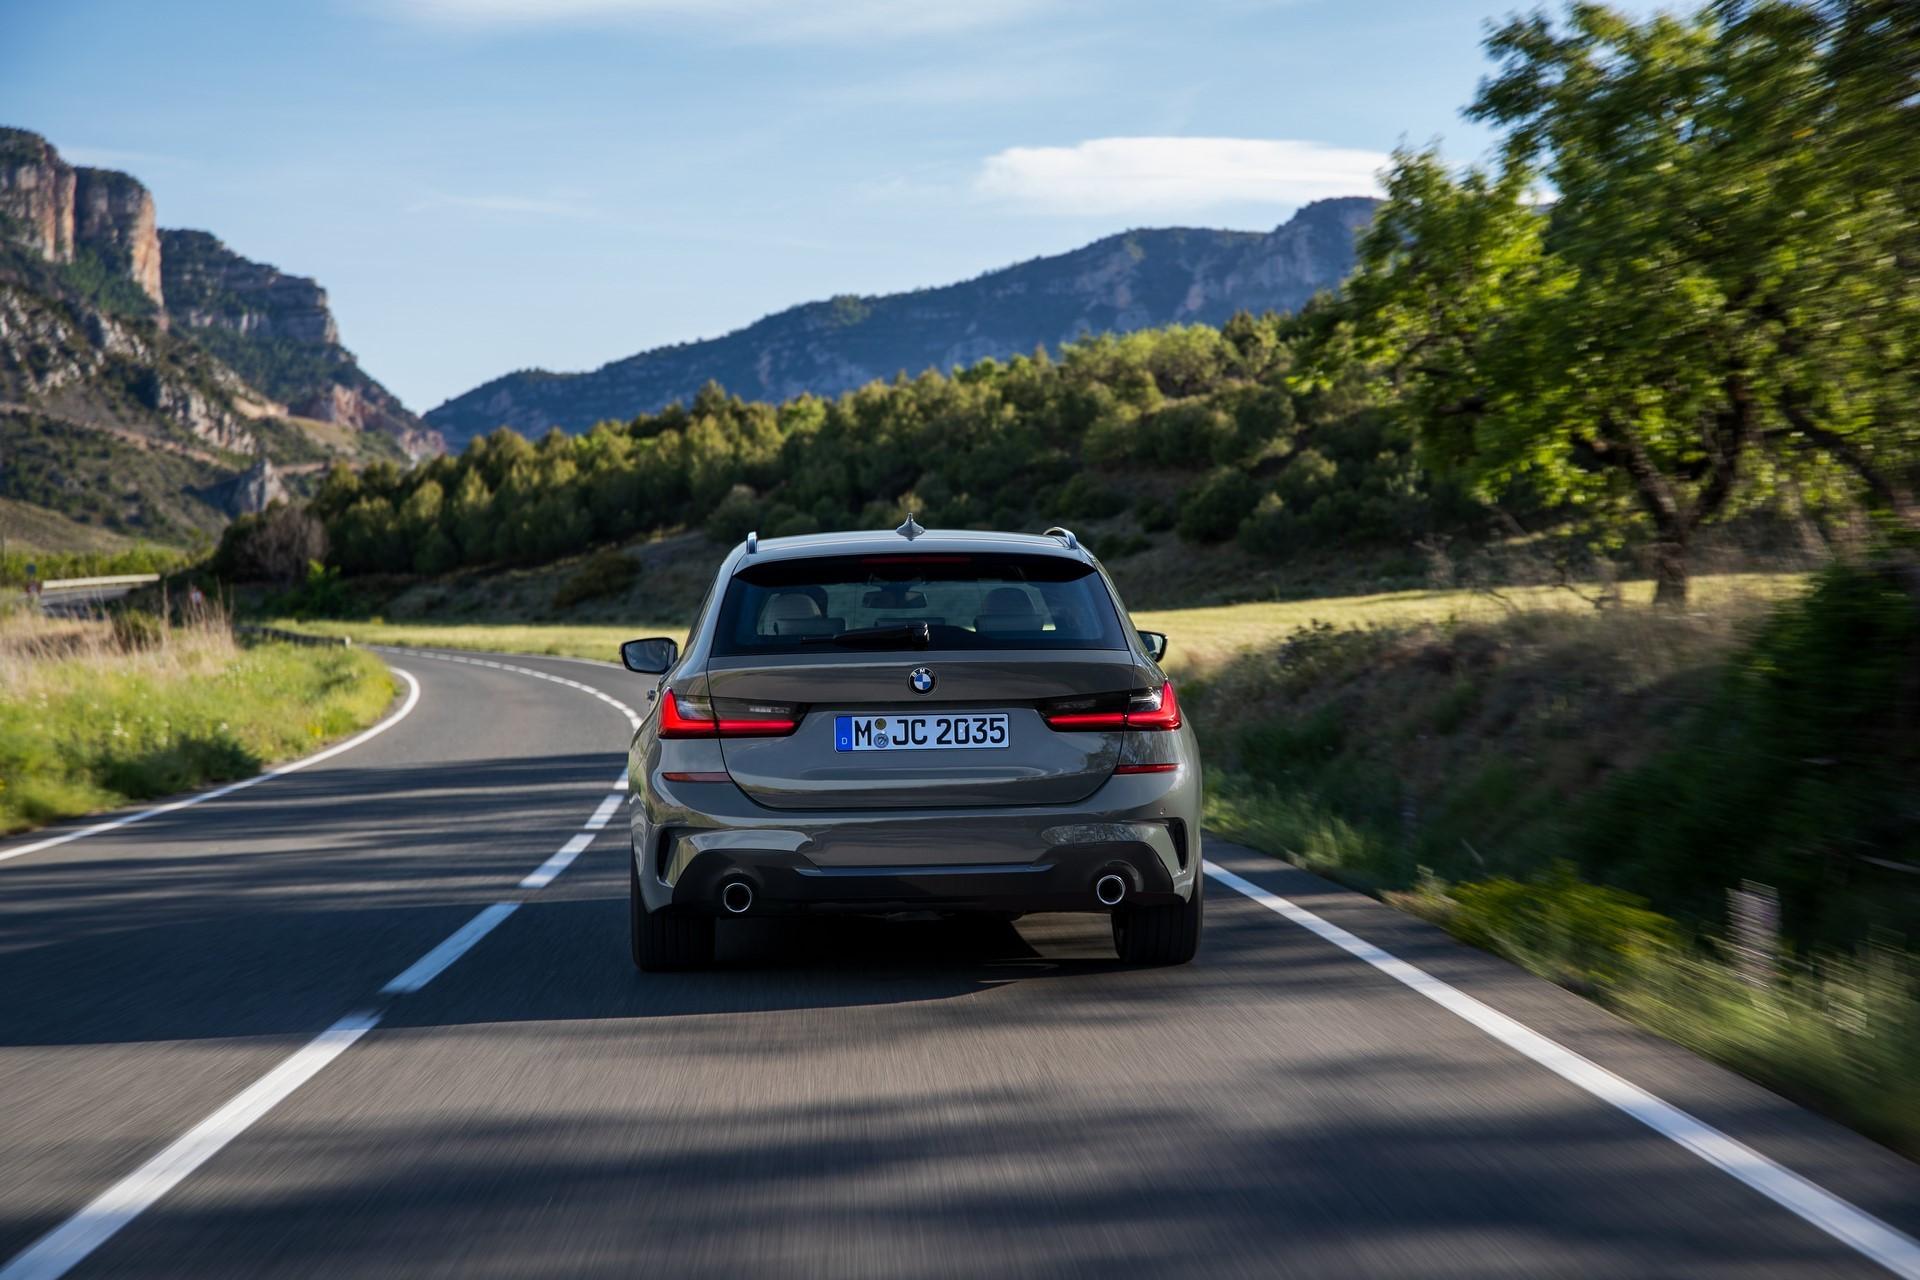 BMW-3-Series-Touring-2019-54